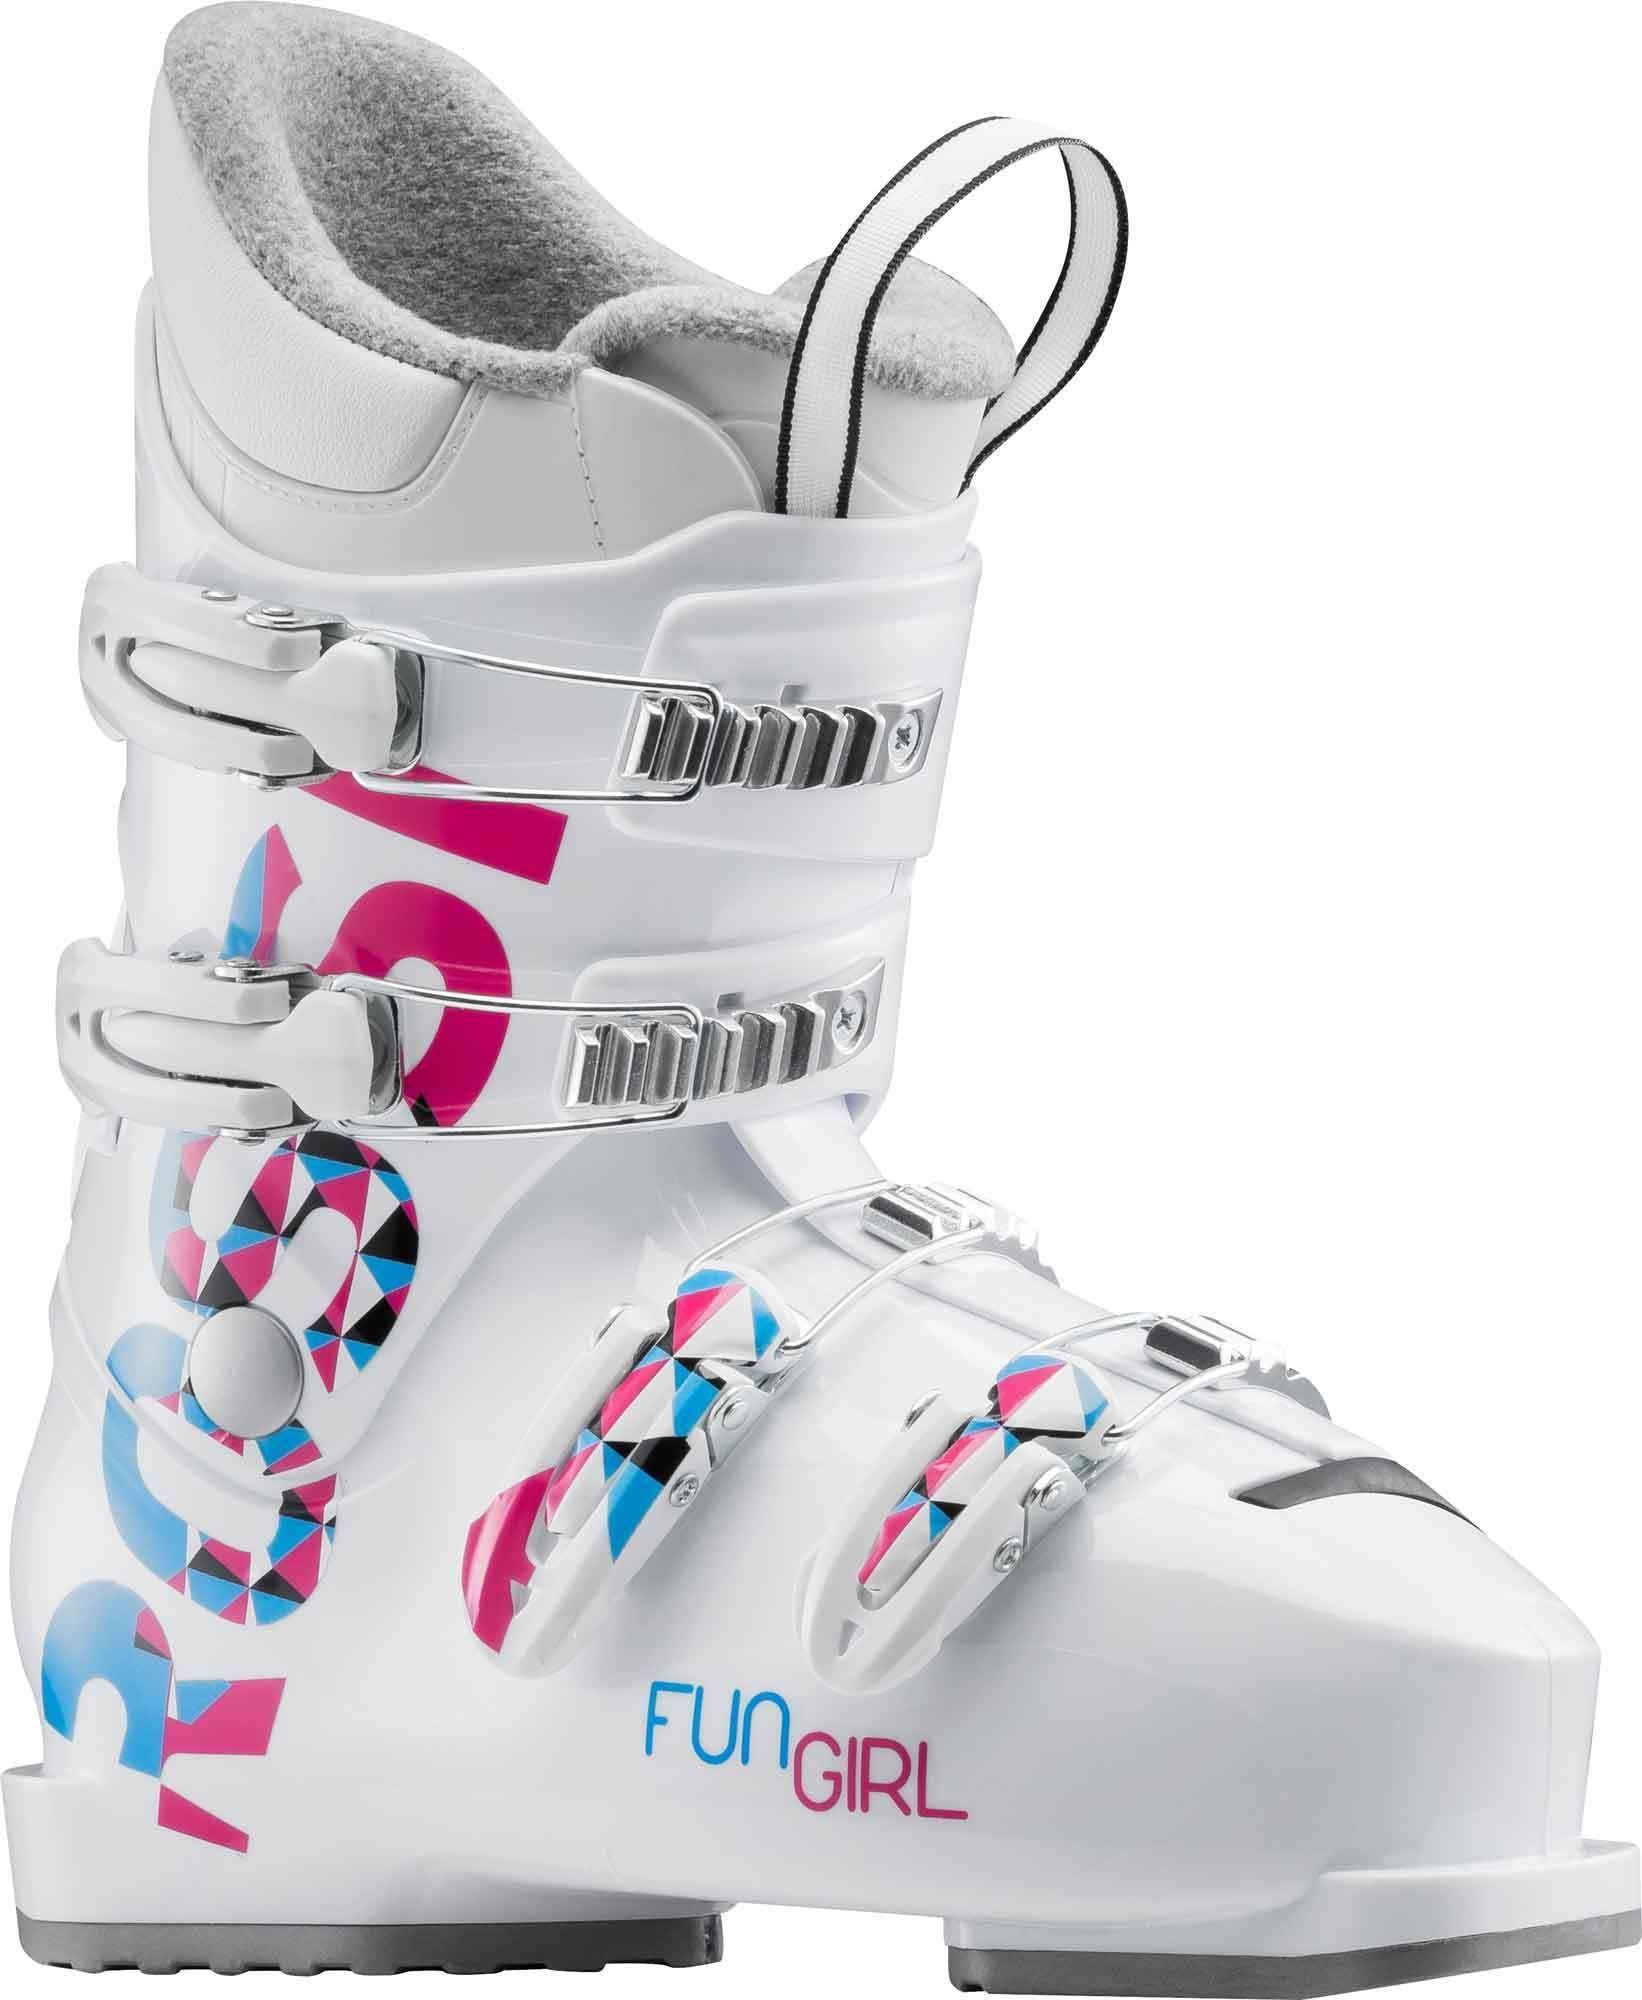 Rossignol FUN M ÄDCHEN J4 (RBG5080) - Skischule f Körperteile in der Luftdchen